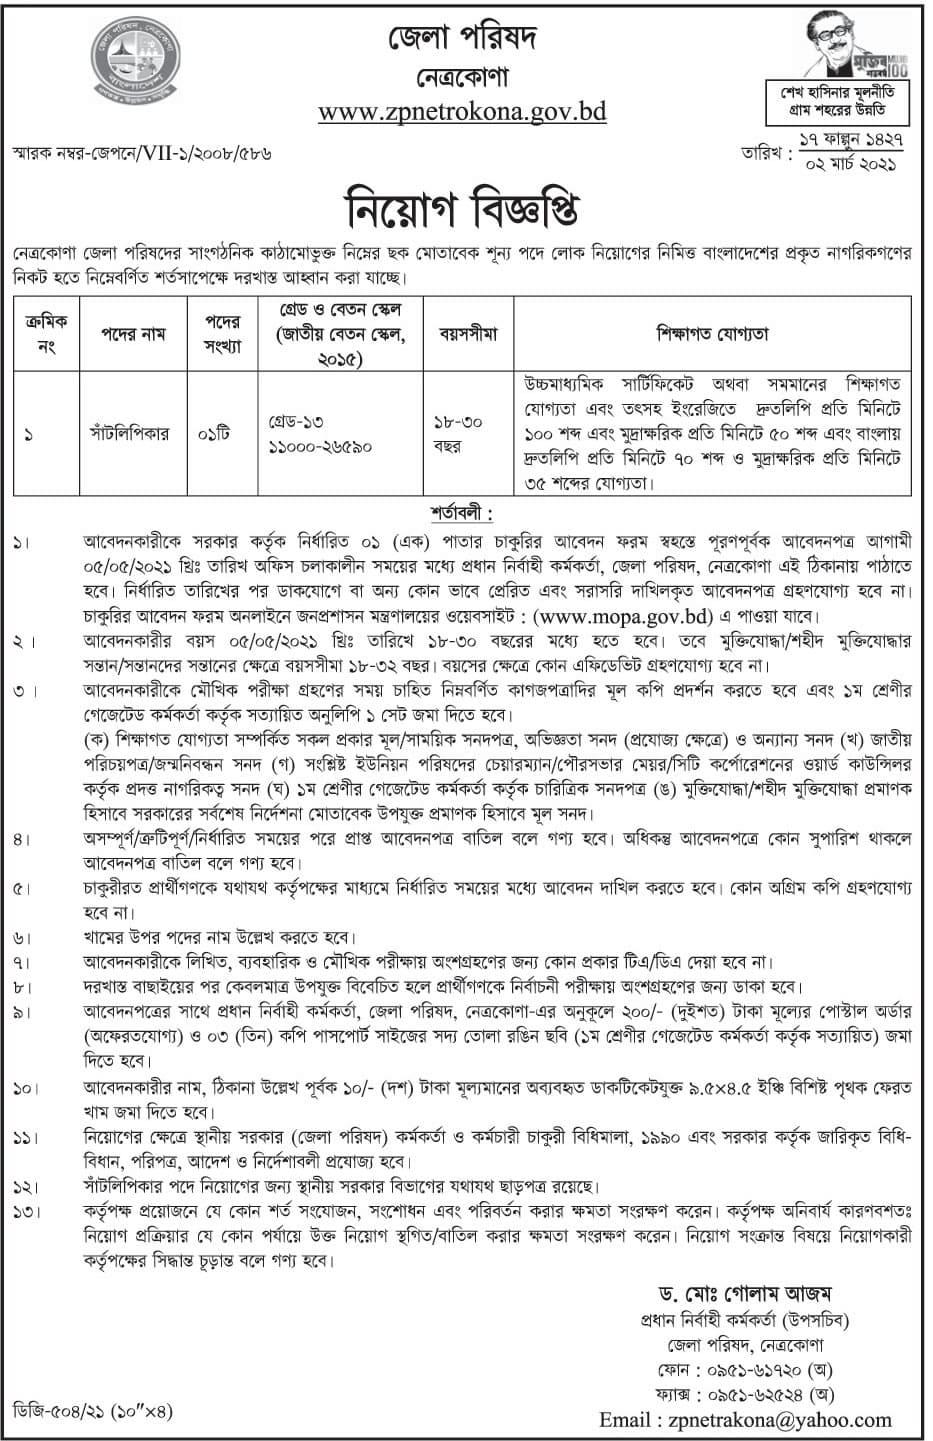 Netrokona Zila Parishad job circular 2021